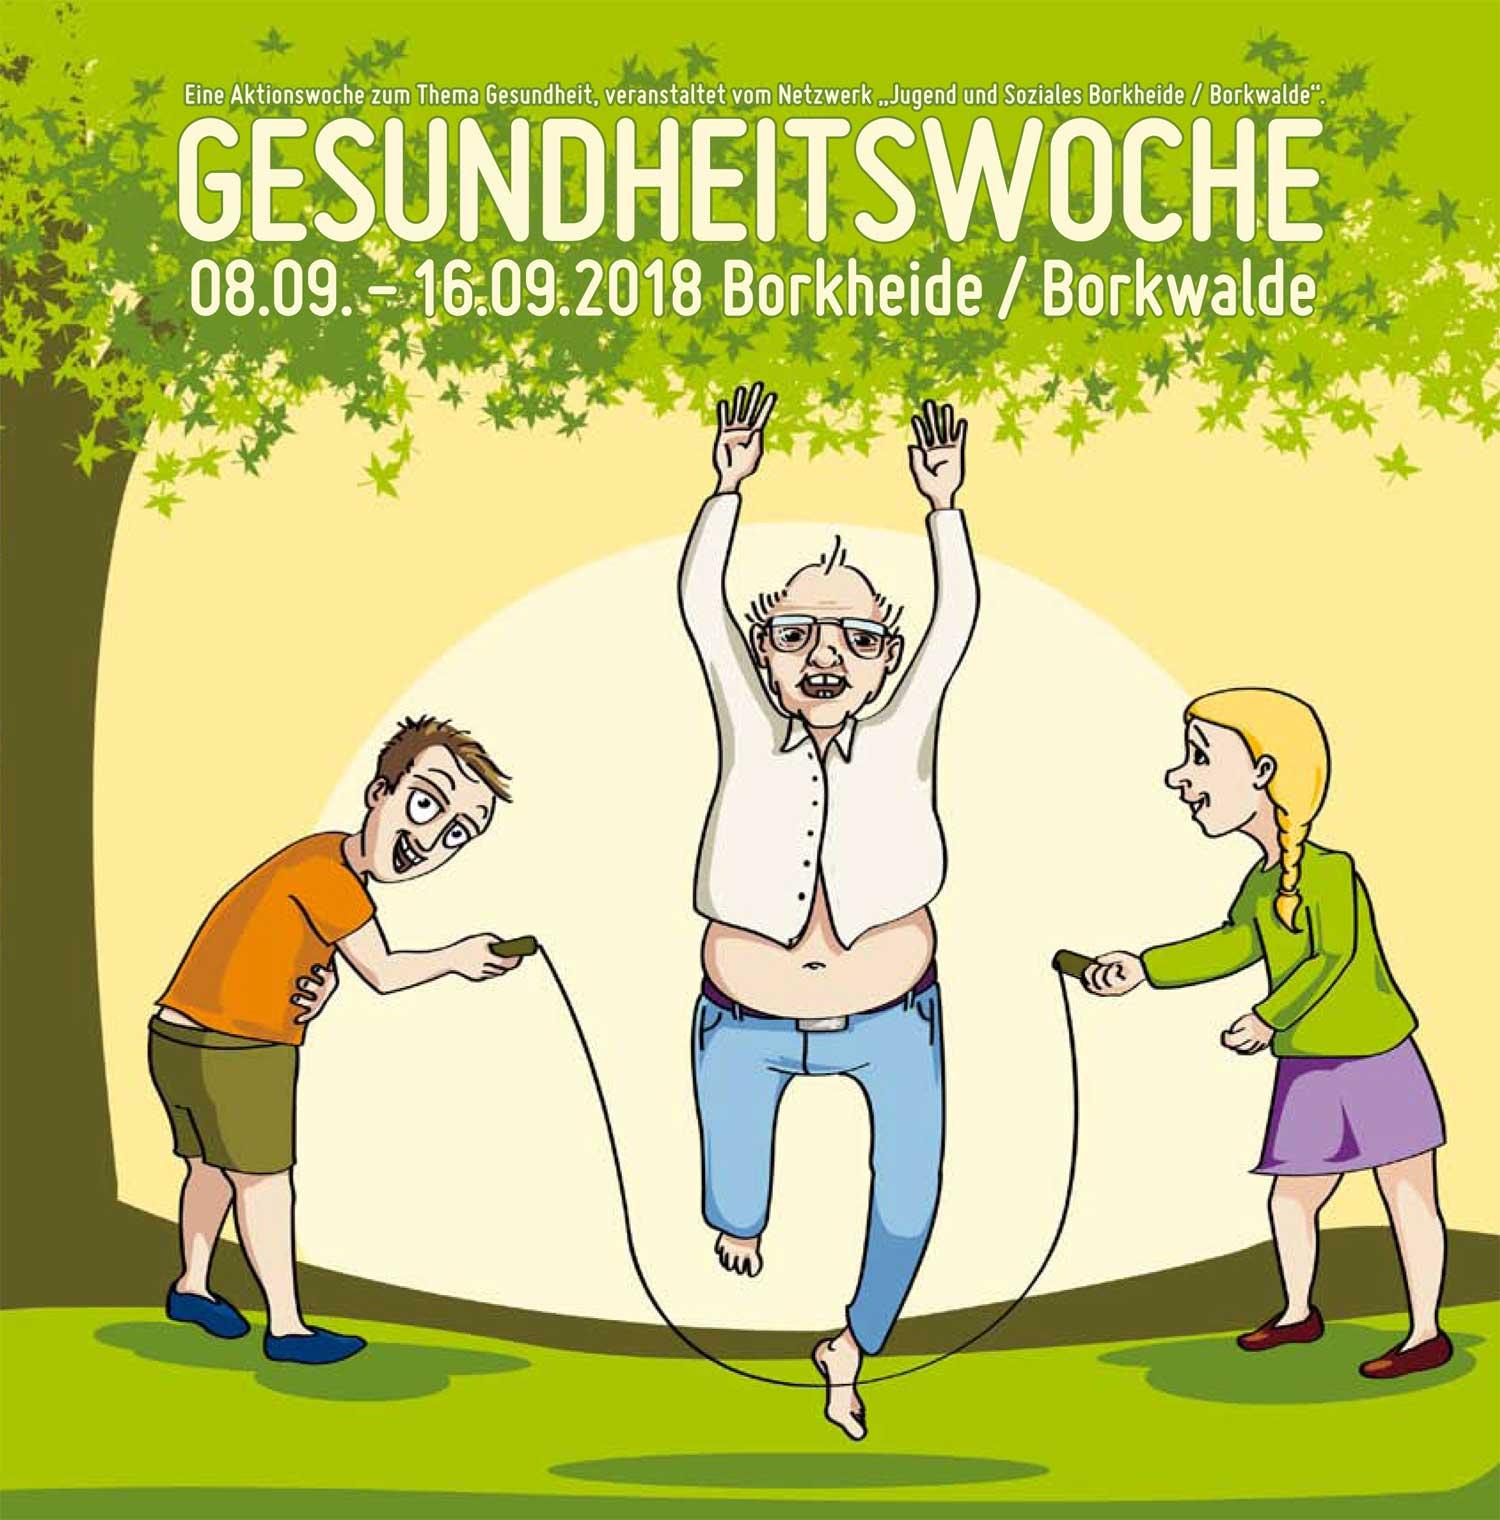 Gesundheitswoche2018-1a